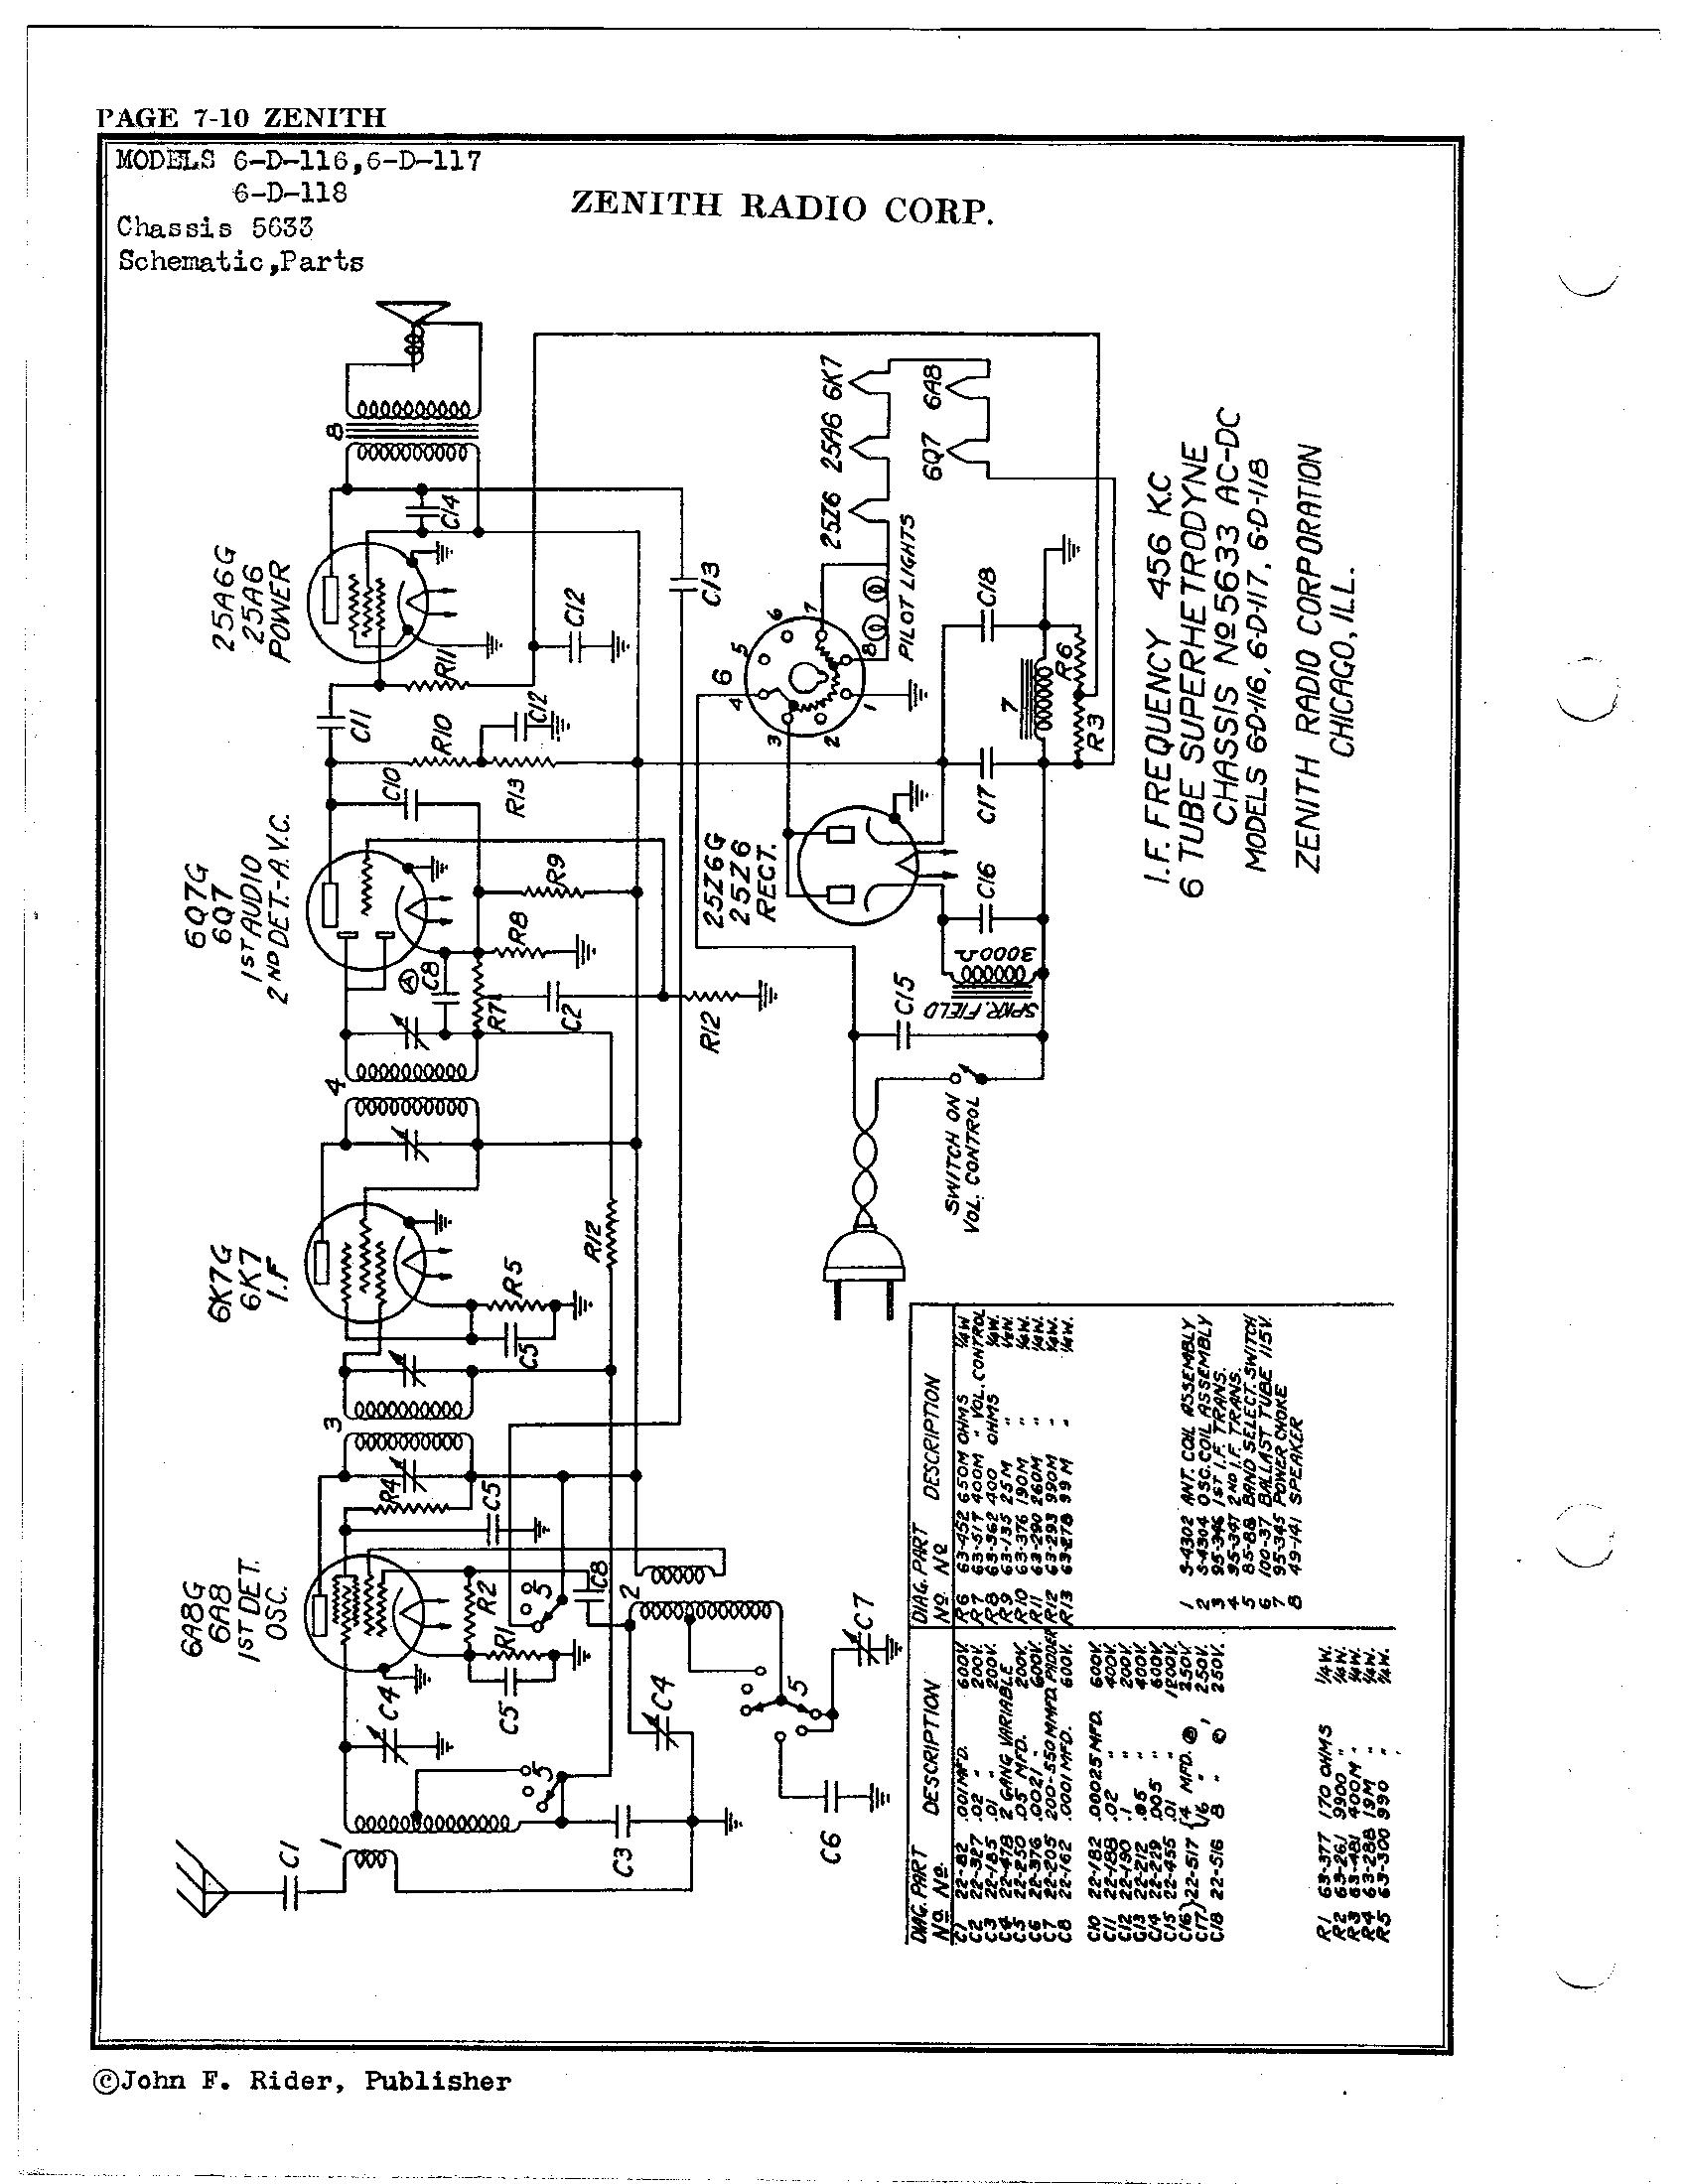 Zenith Radio Corp 6 D 117